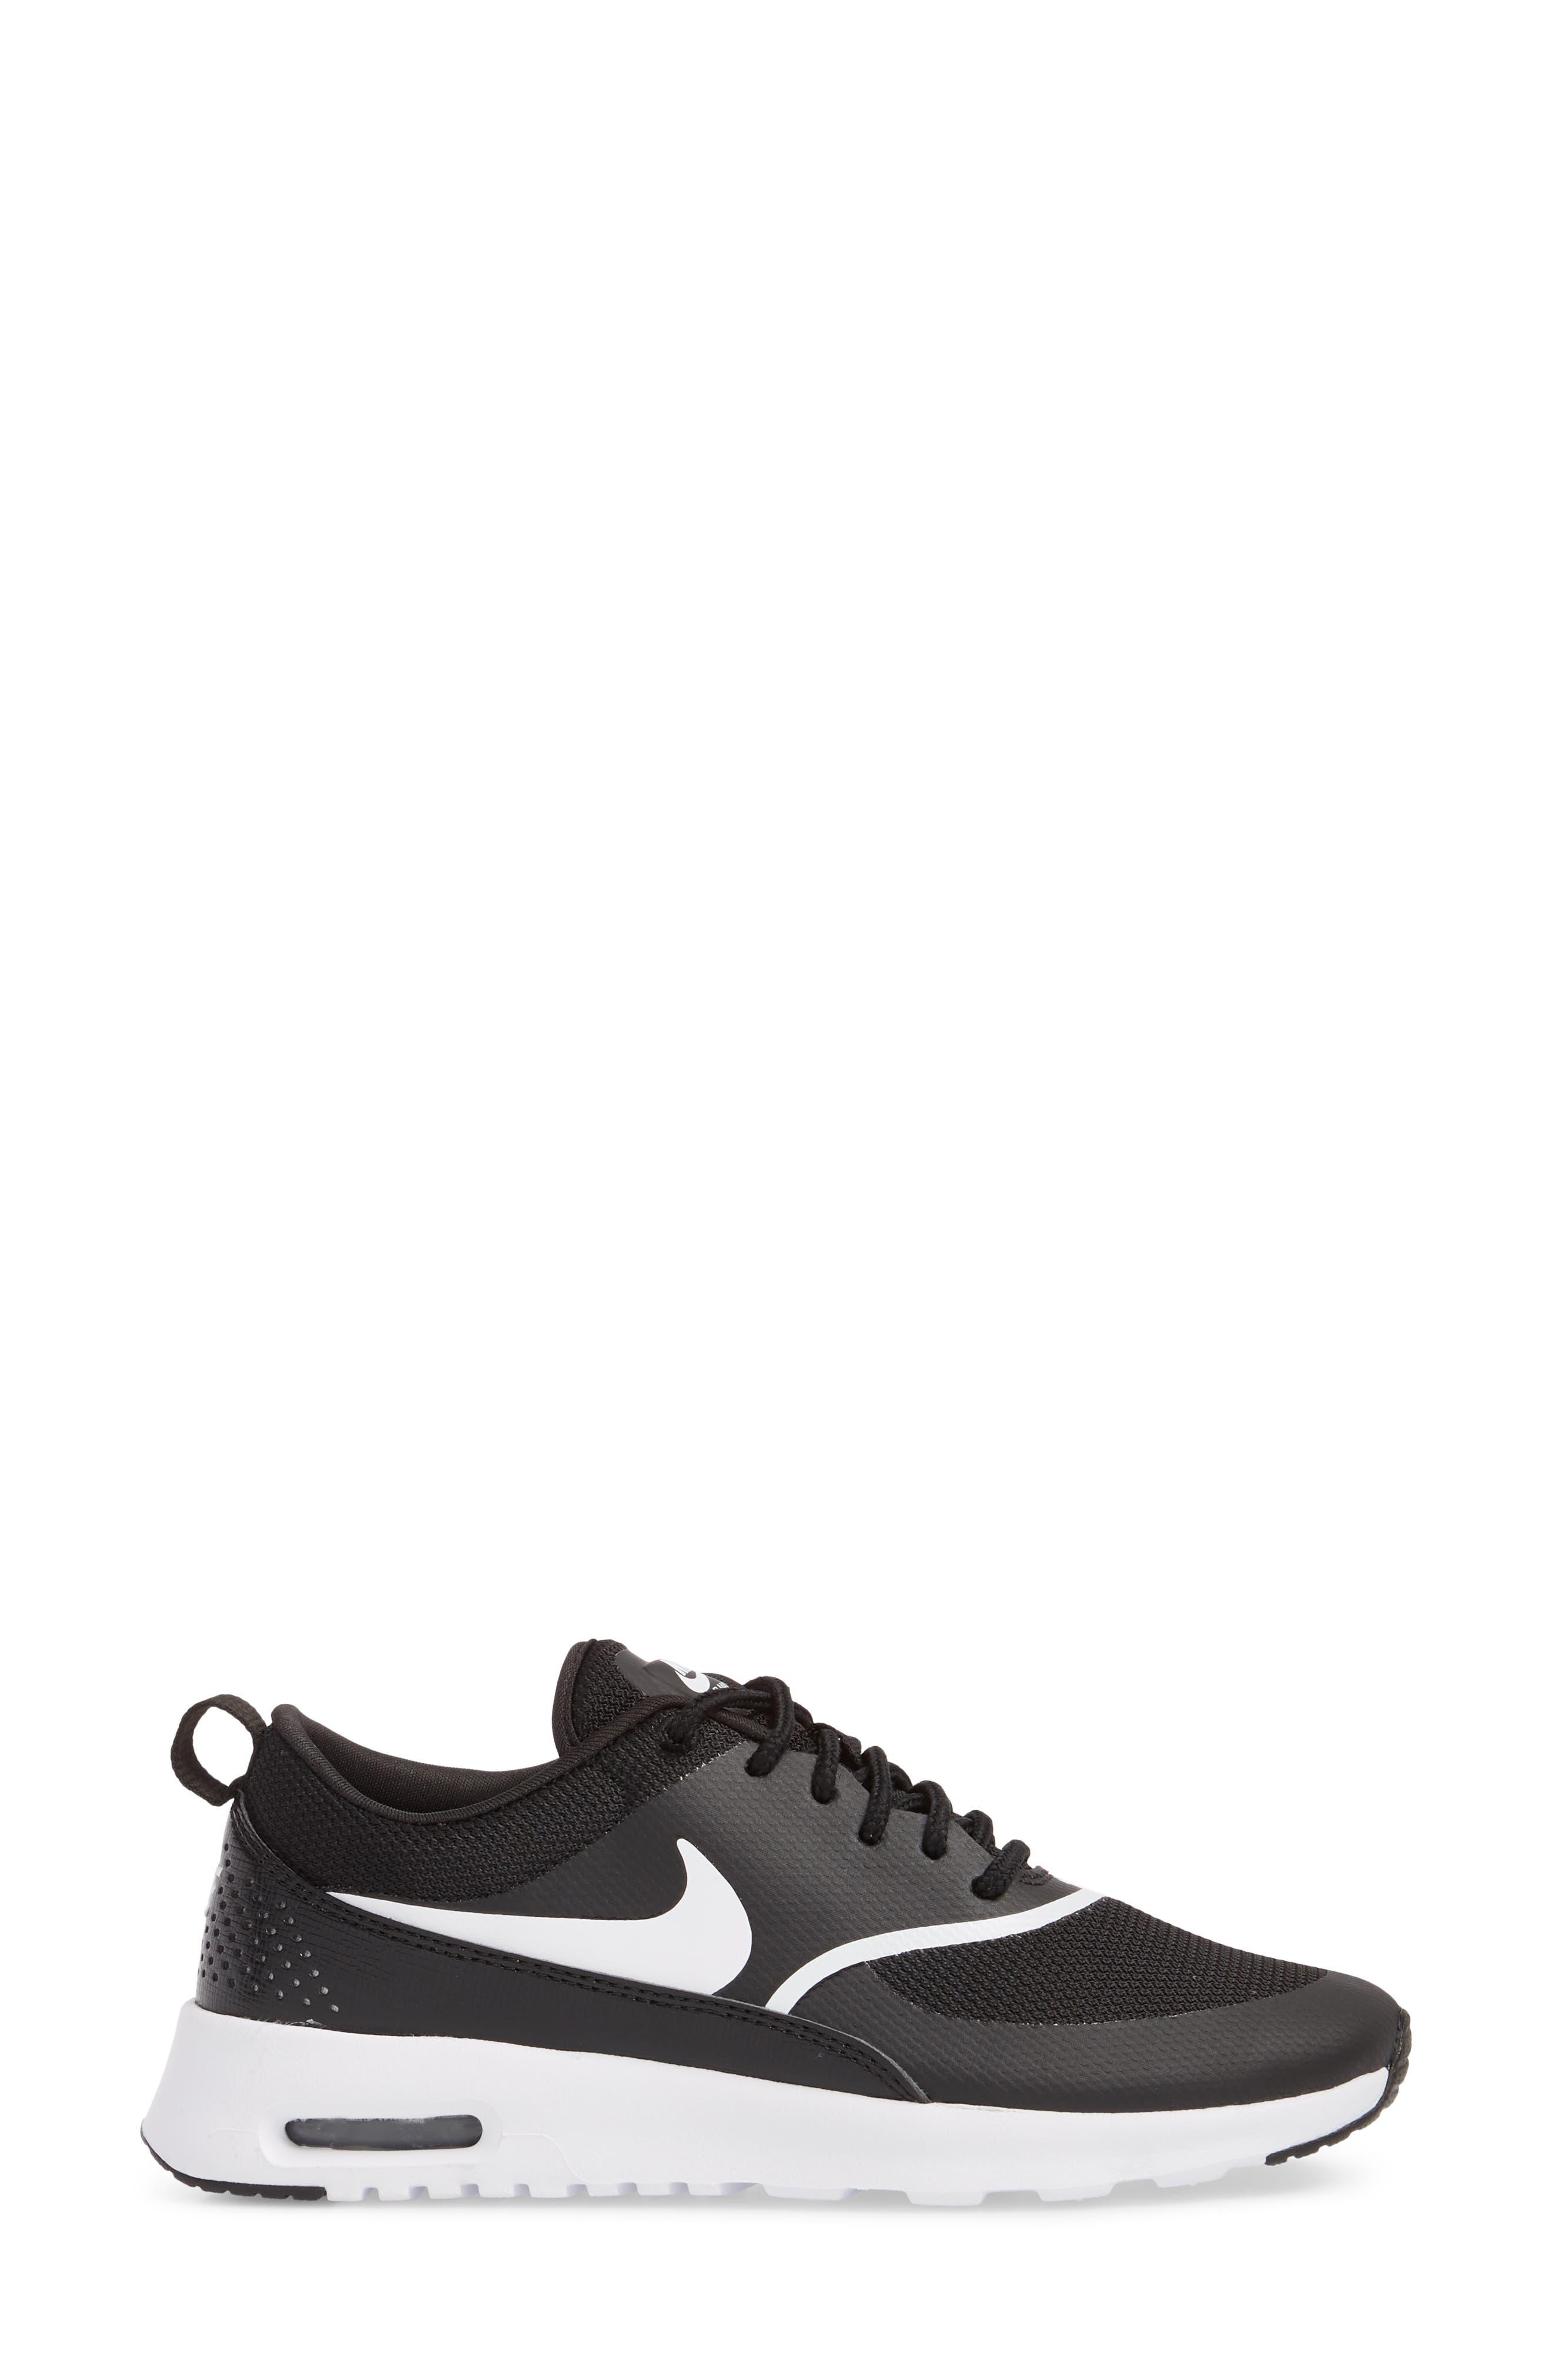 Alternate Image 3  - Nike Air Max Thea Sneaker (Women)